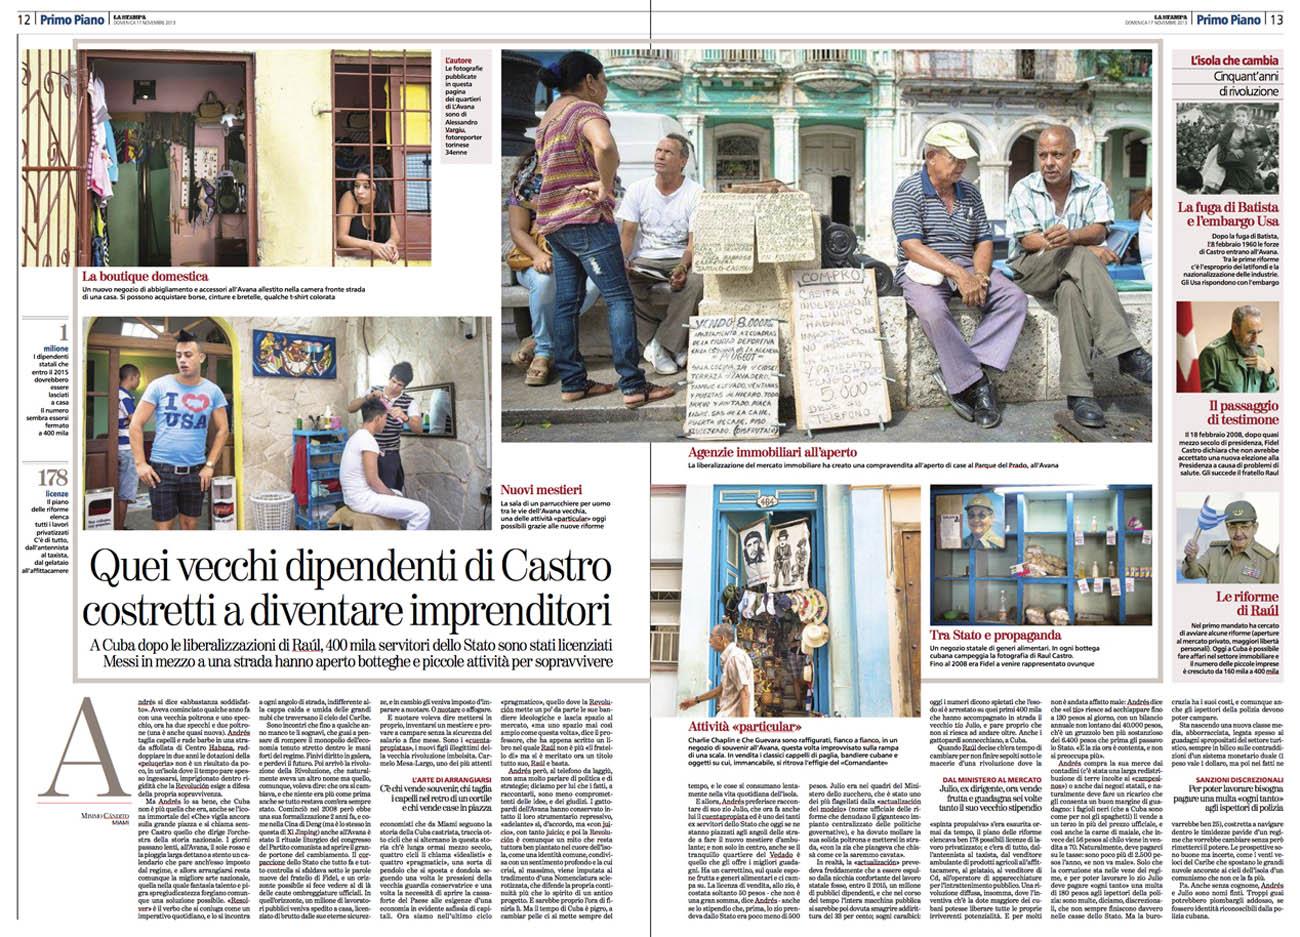 La Stampa / Fotografie tratte da un reportage sui cambiamenti economici a Cuba 13/11/2013